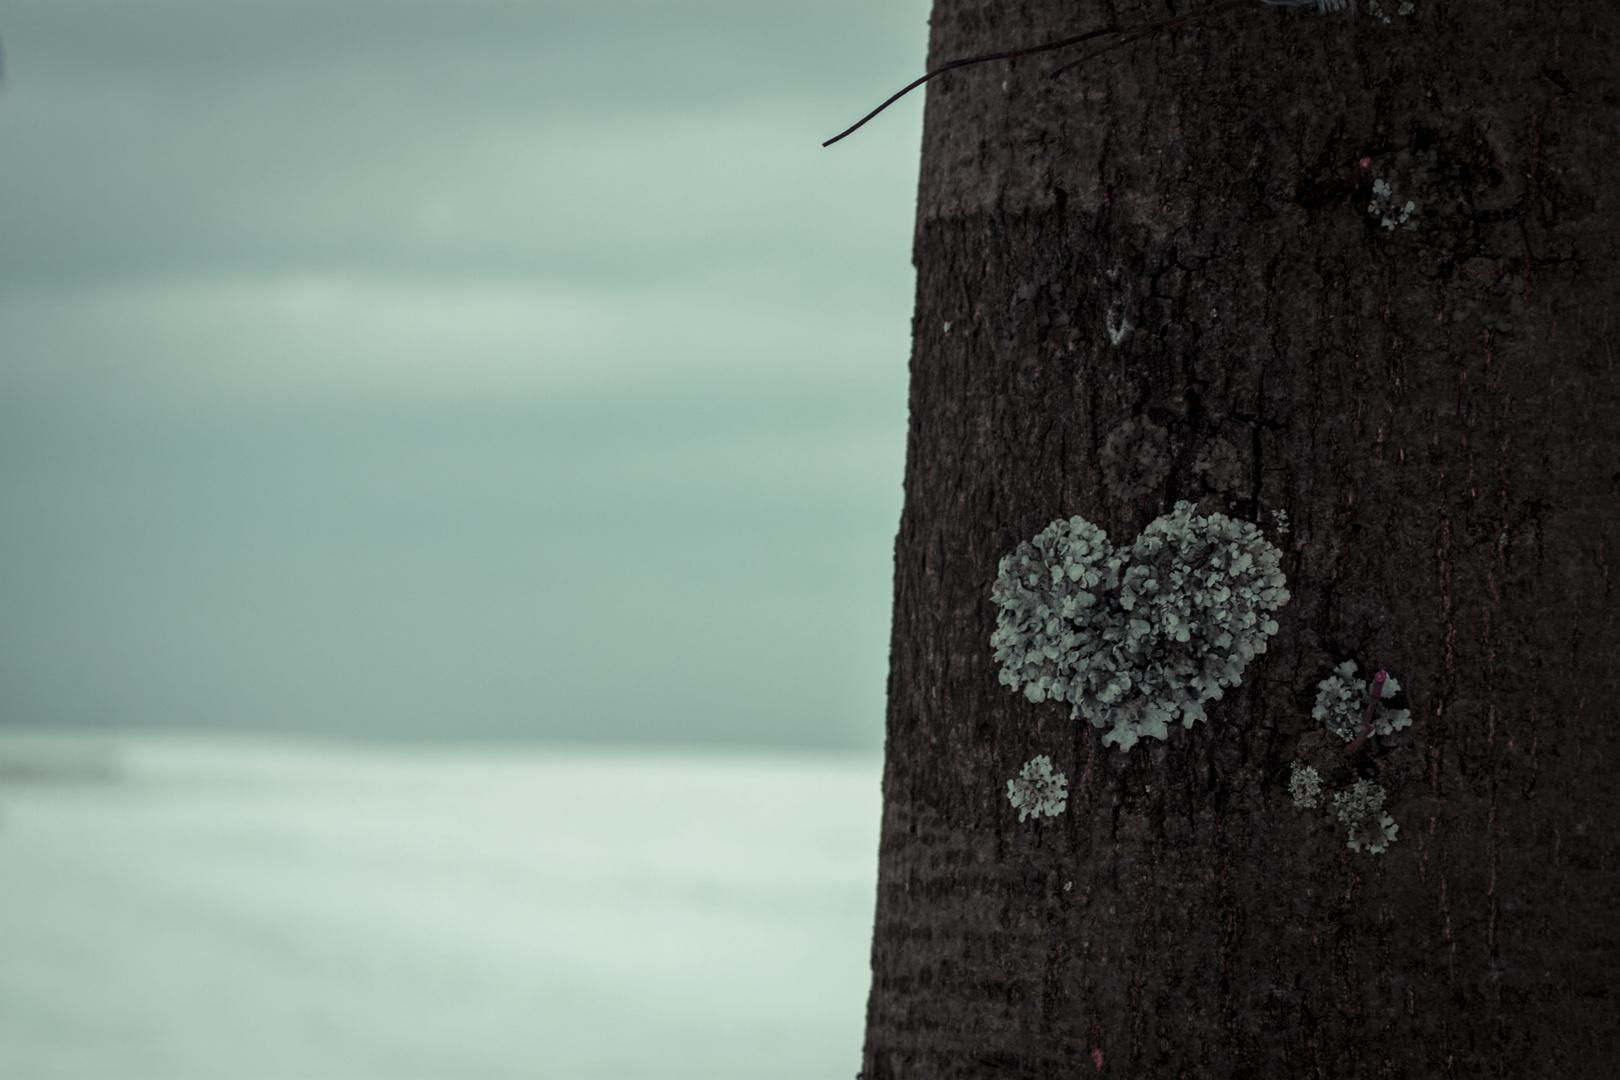 Liebe zur Natur